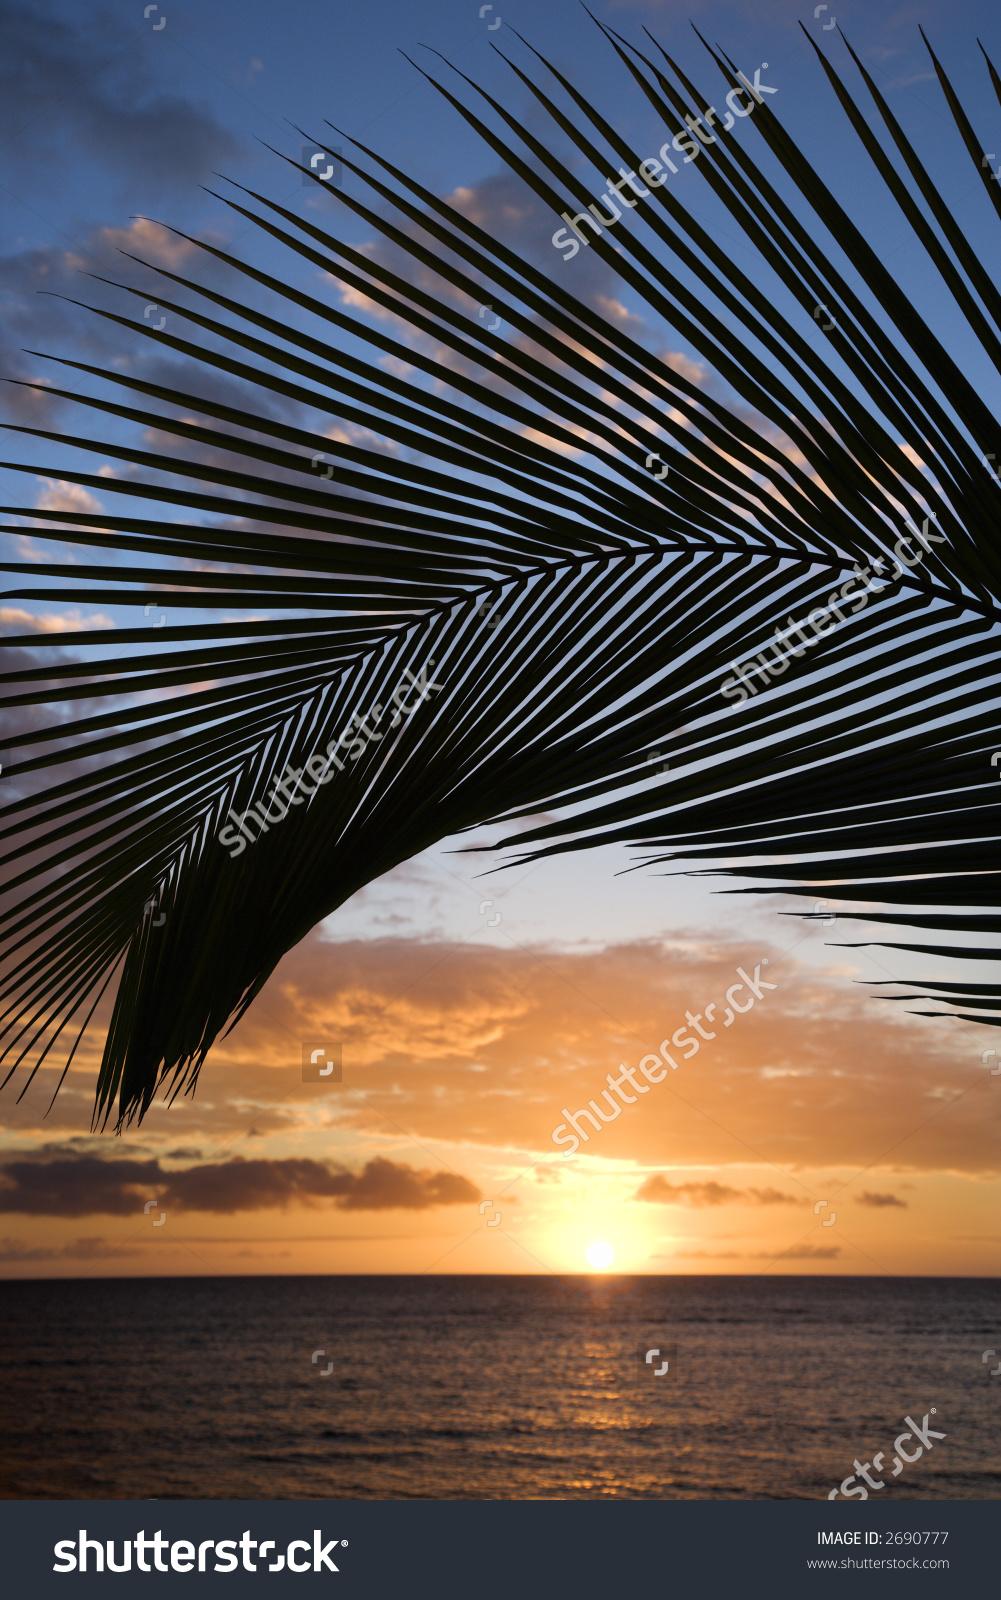 Sunset Sky Framed By Palm Fronds Stock Photo 2690777.